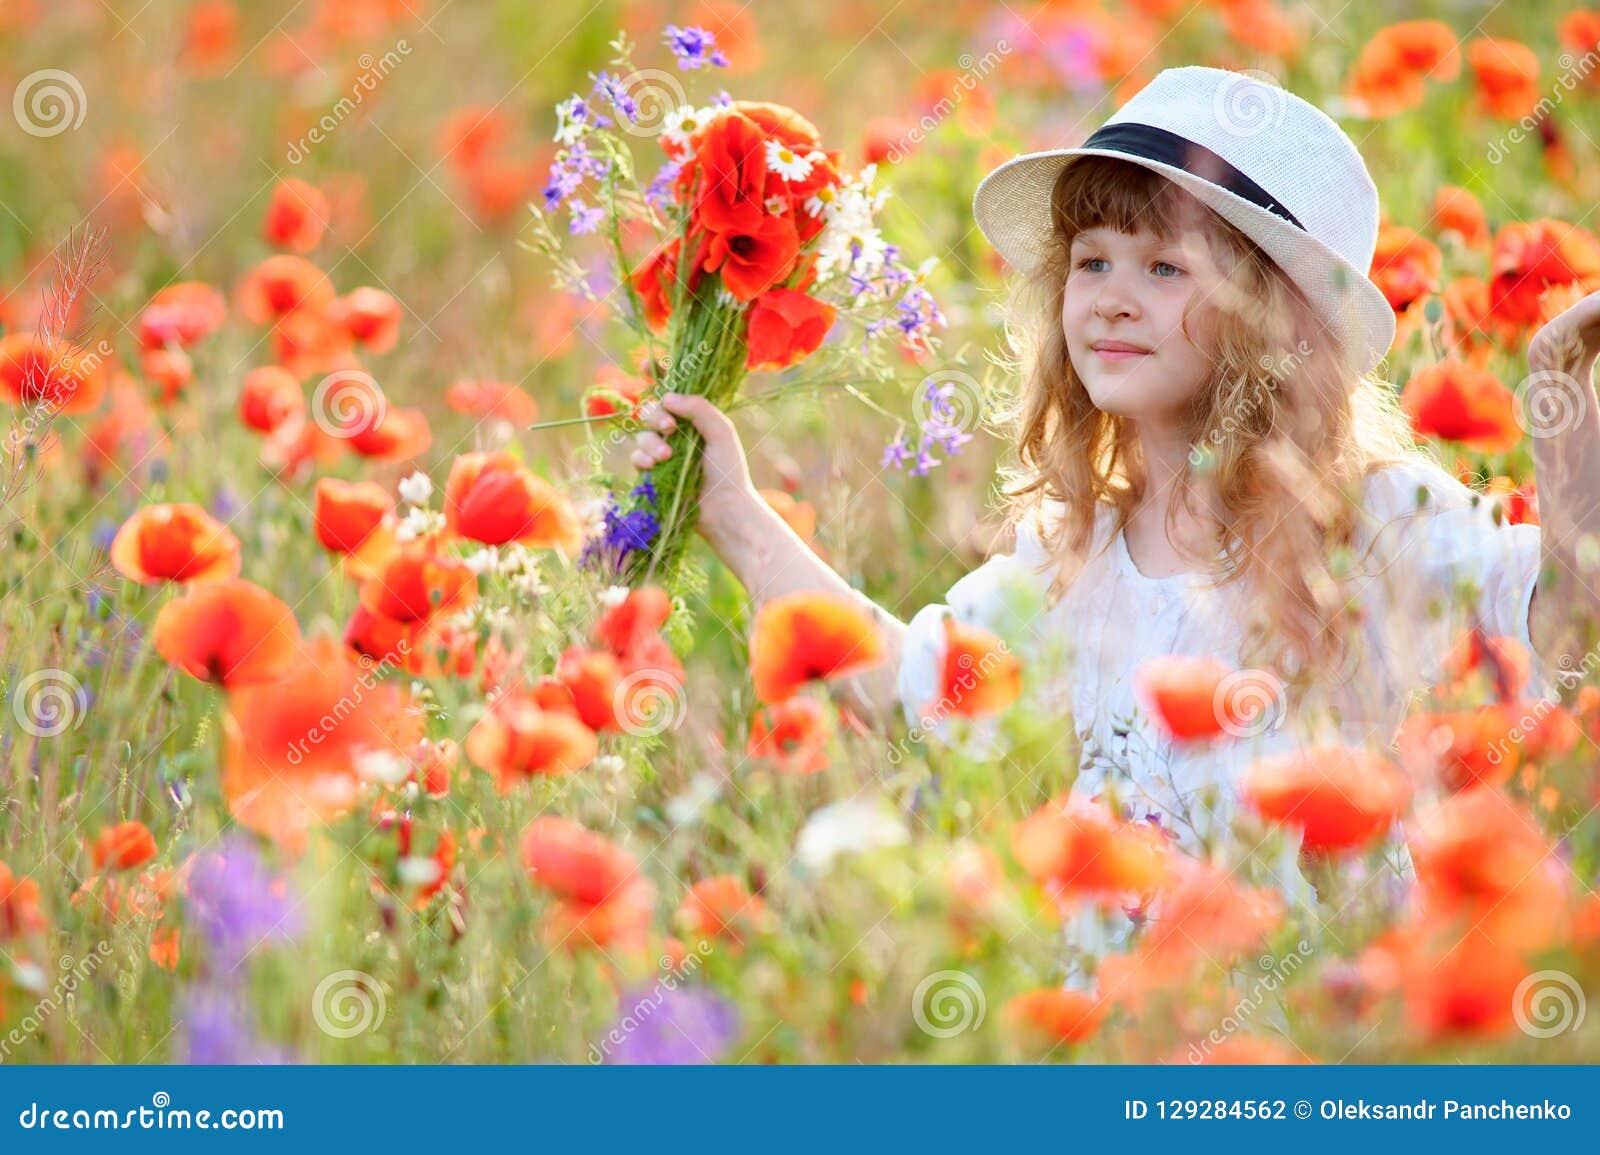 Menina adorável no vestido branco que joga no campo de flor da papoila